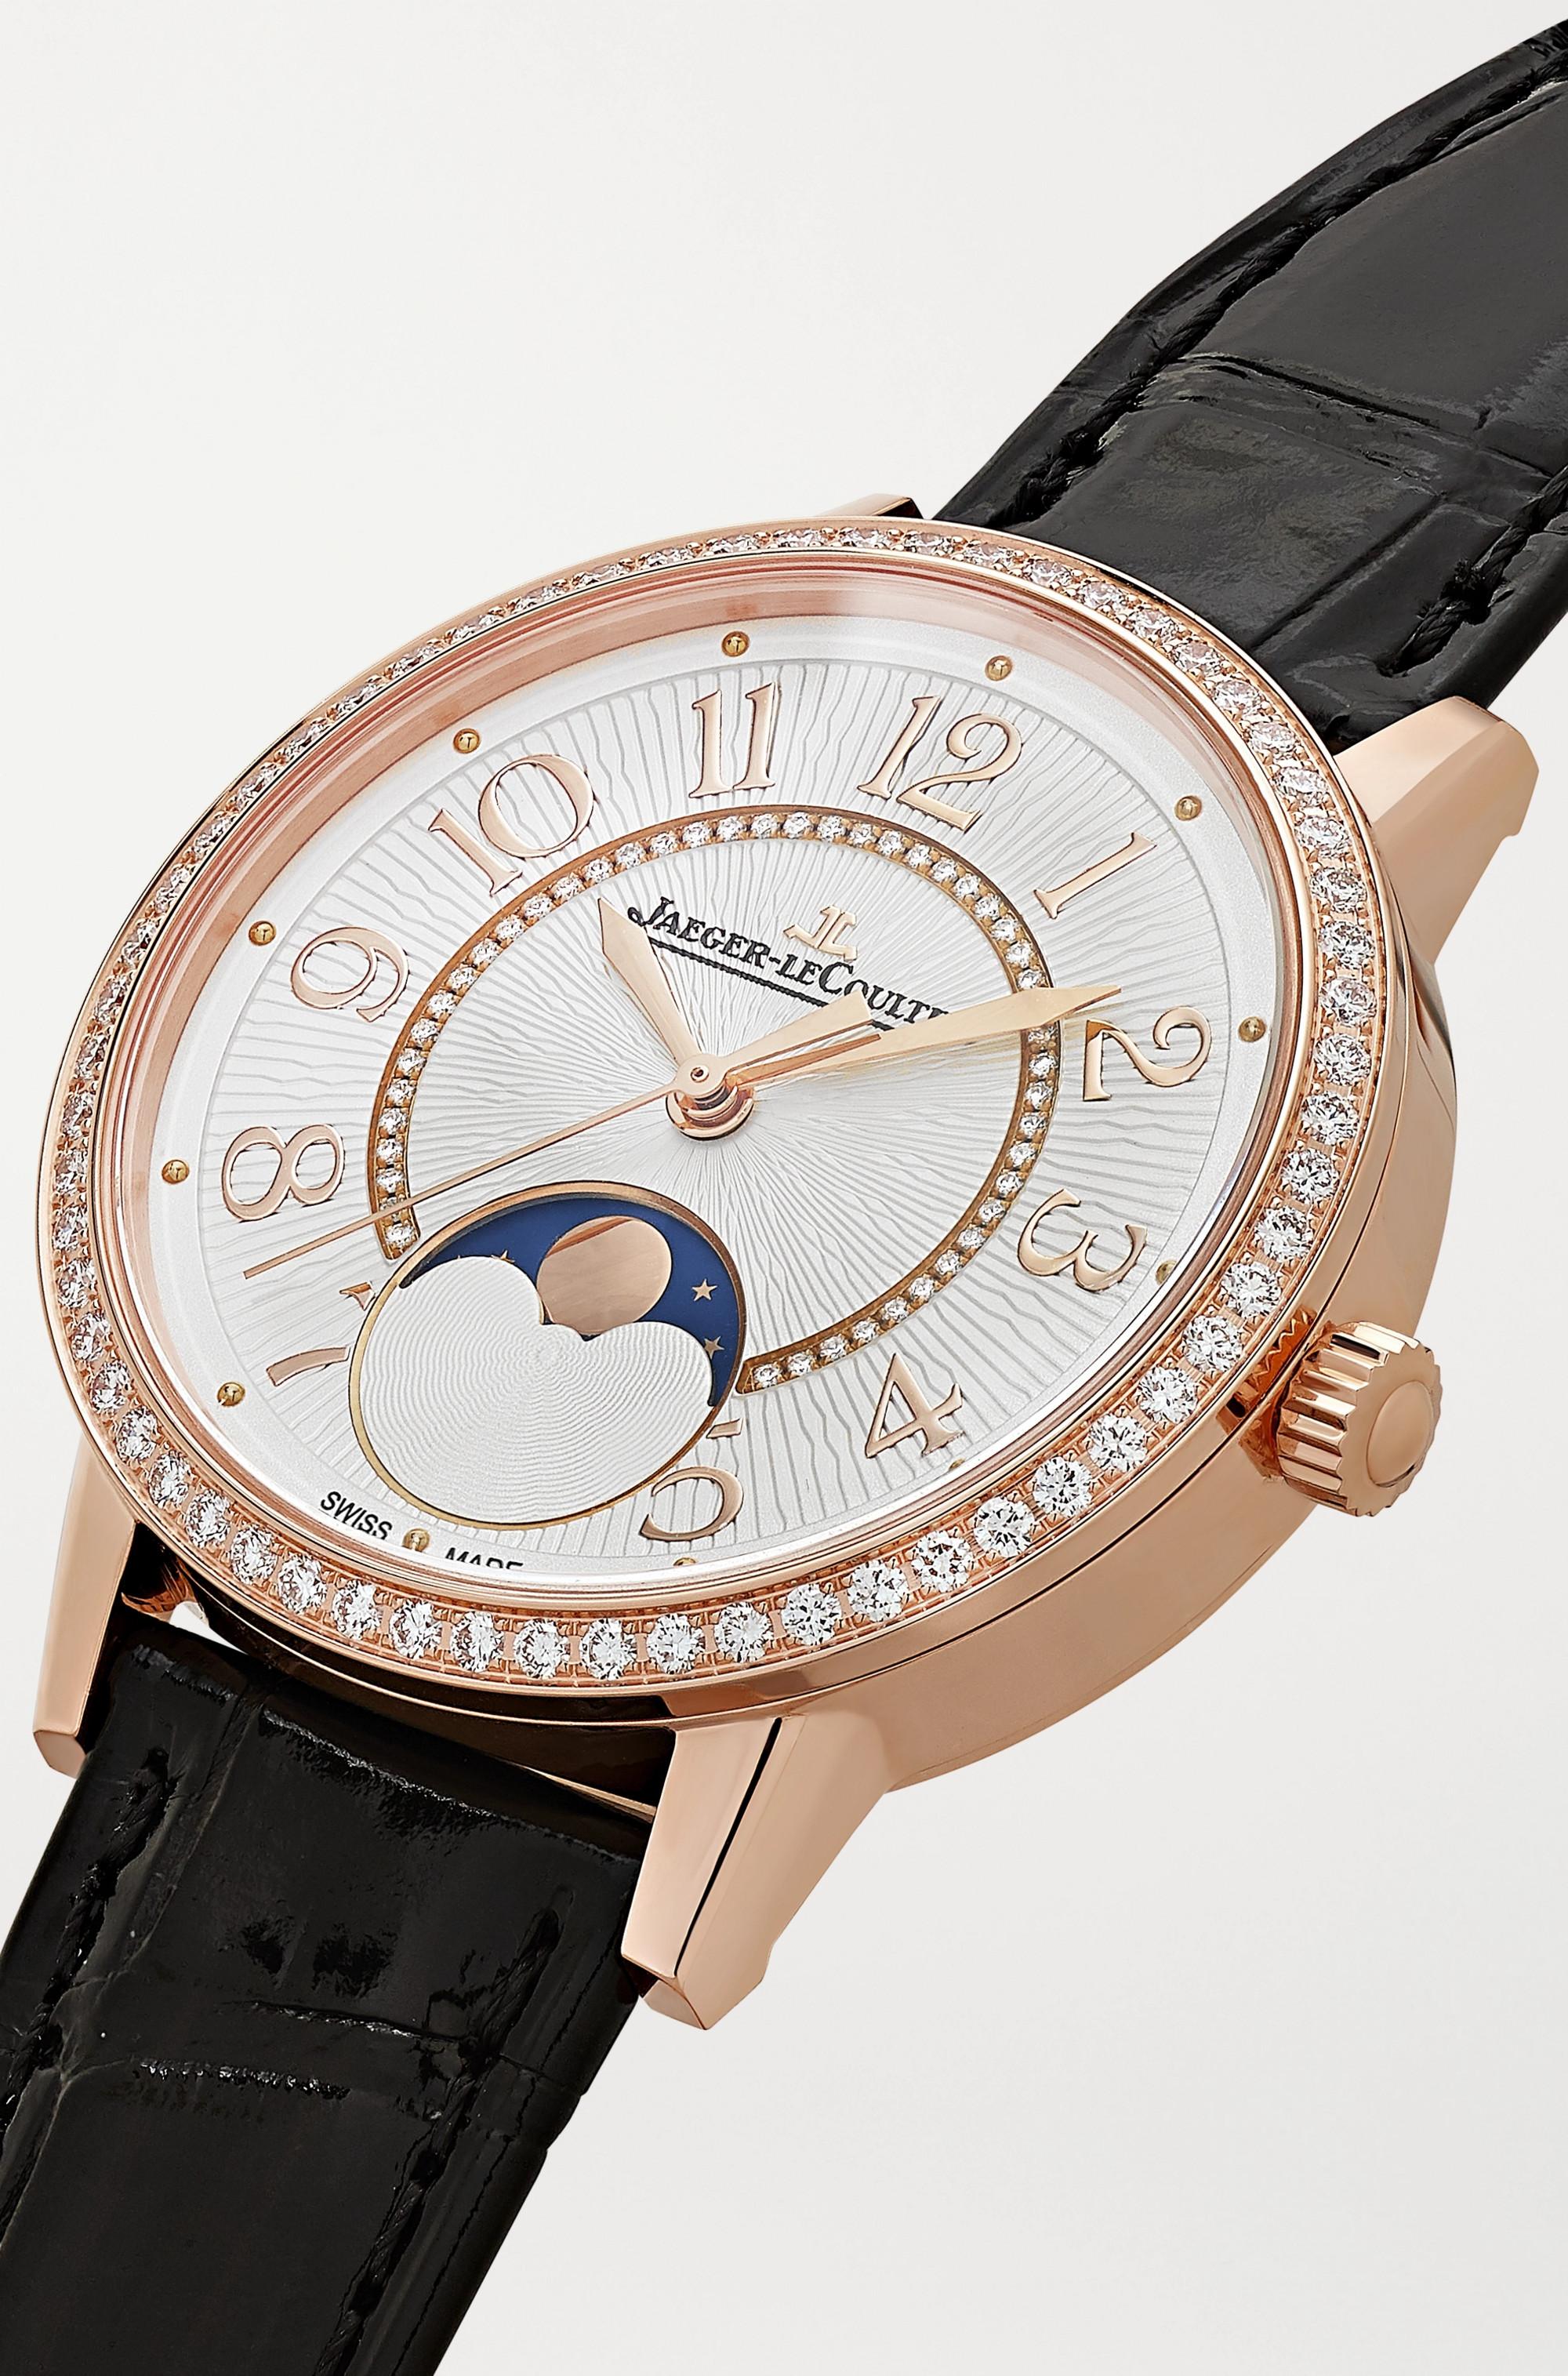 Jaeger-LeCoultre Montre en or rose et diamants à bracelet en alligator Rendez-Vous Moon 34 mm